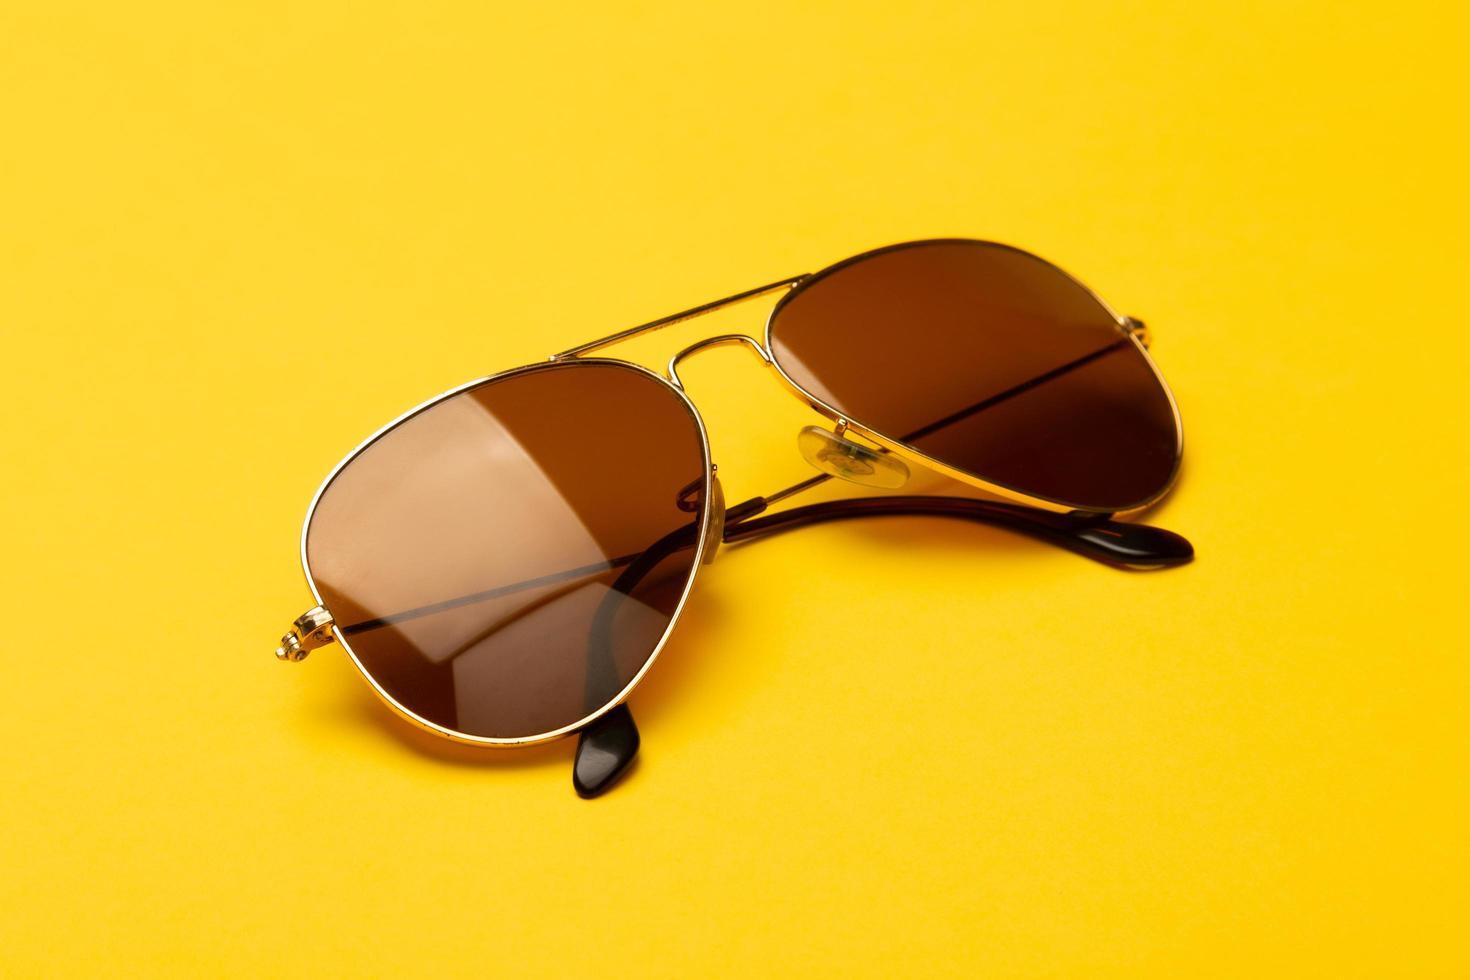 óculos de sol aviador em fundo amarelo foto